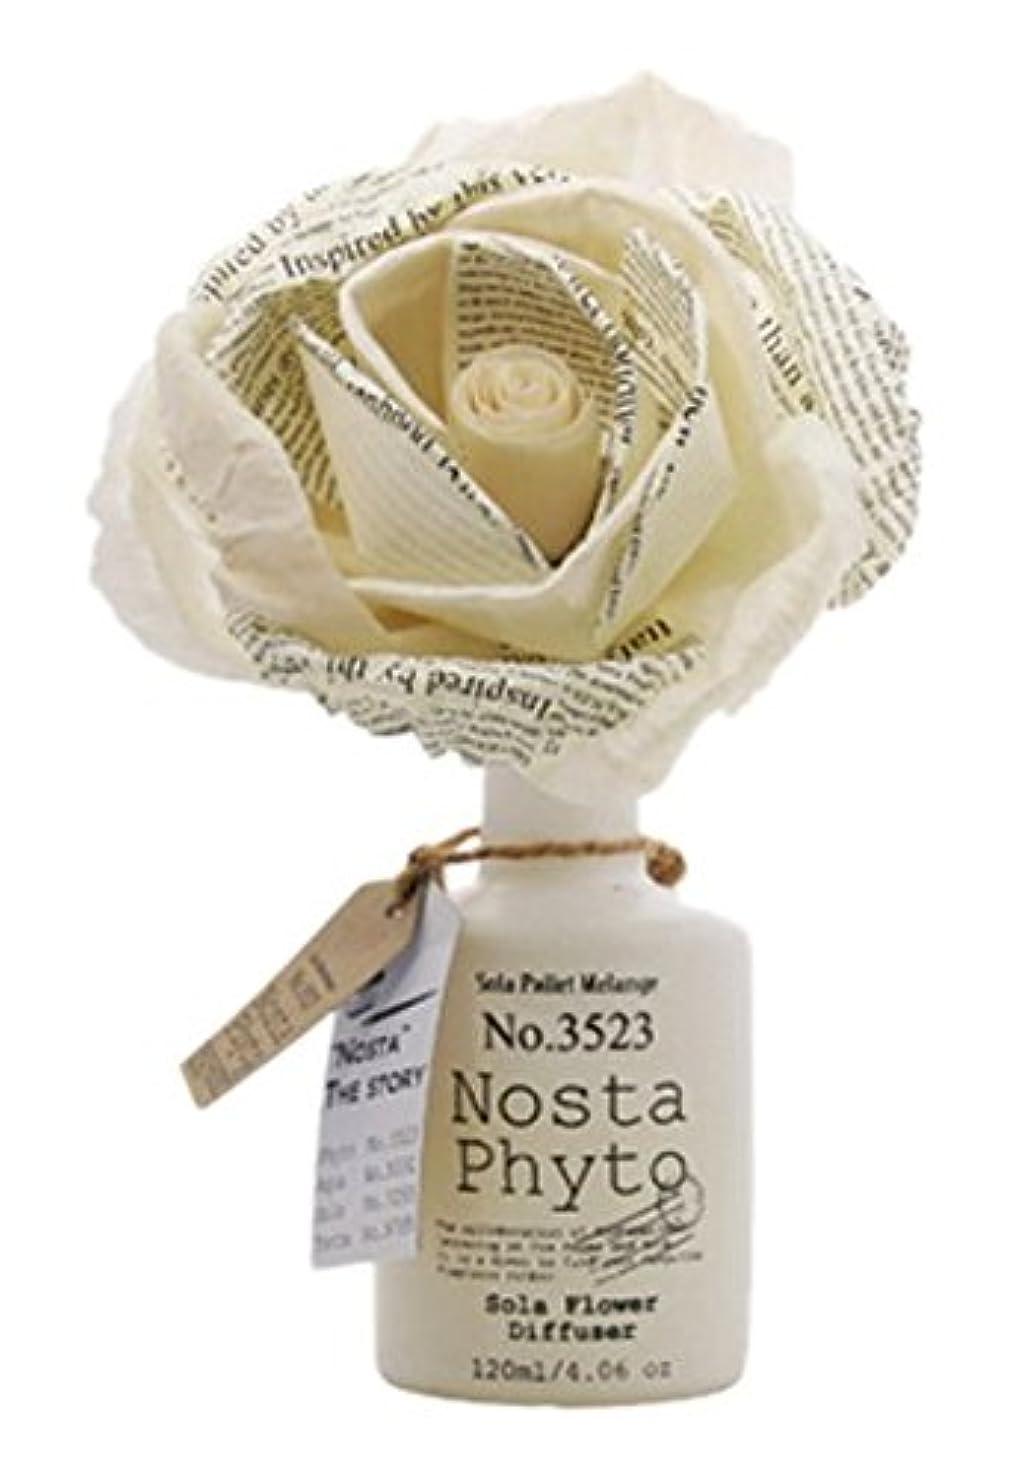 予想外土器ヘリコプターNosta ノスタ Solaflower Diffuser ソラフラワーディフューザー phyto フィト / 植物